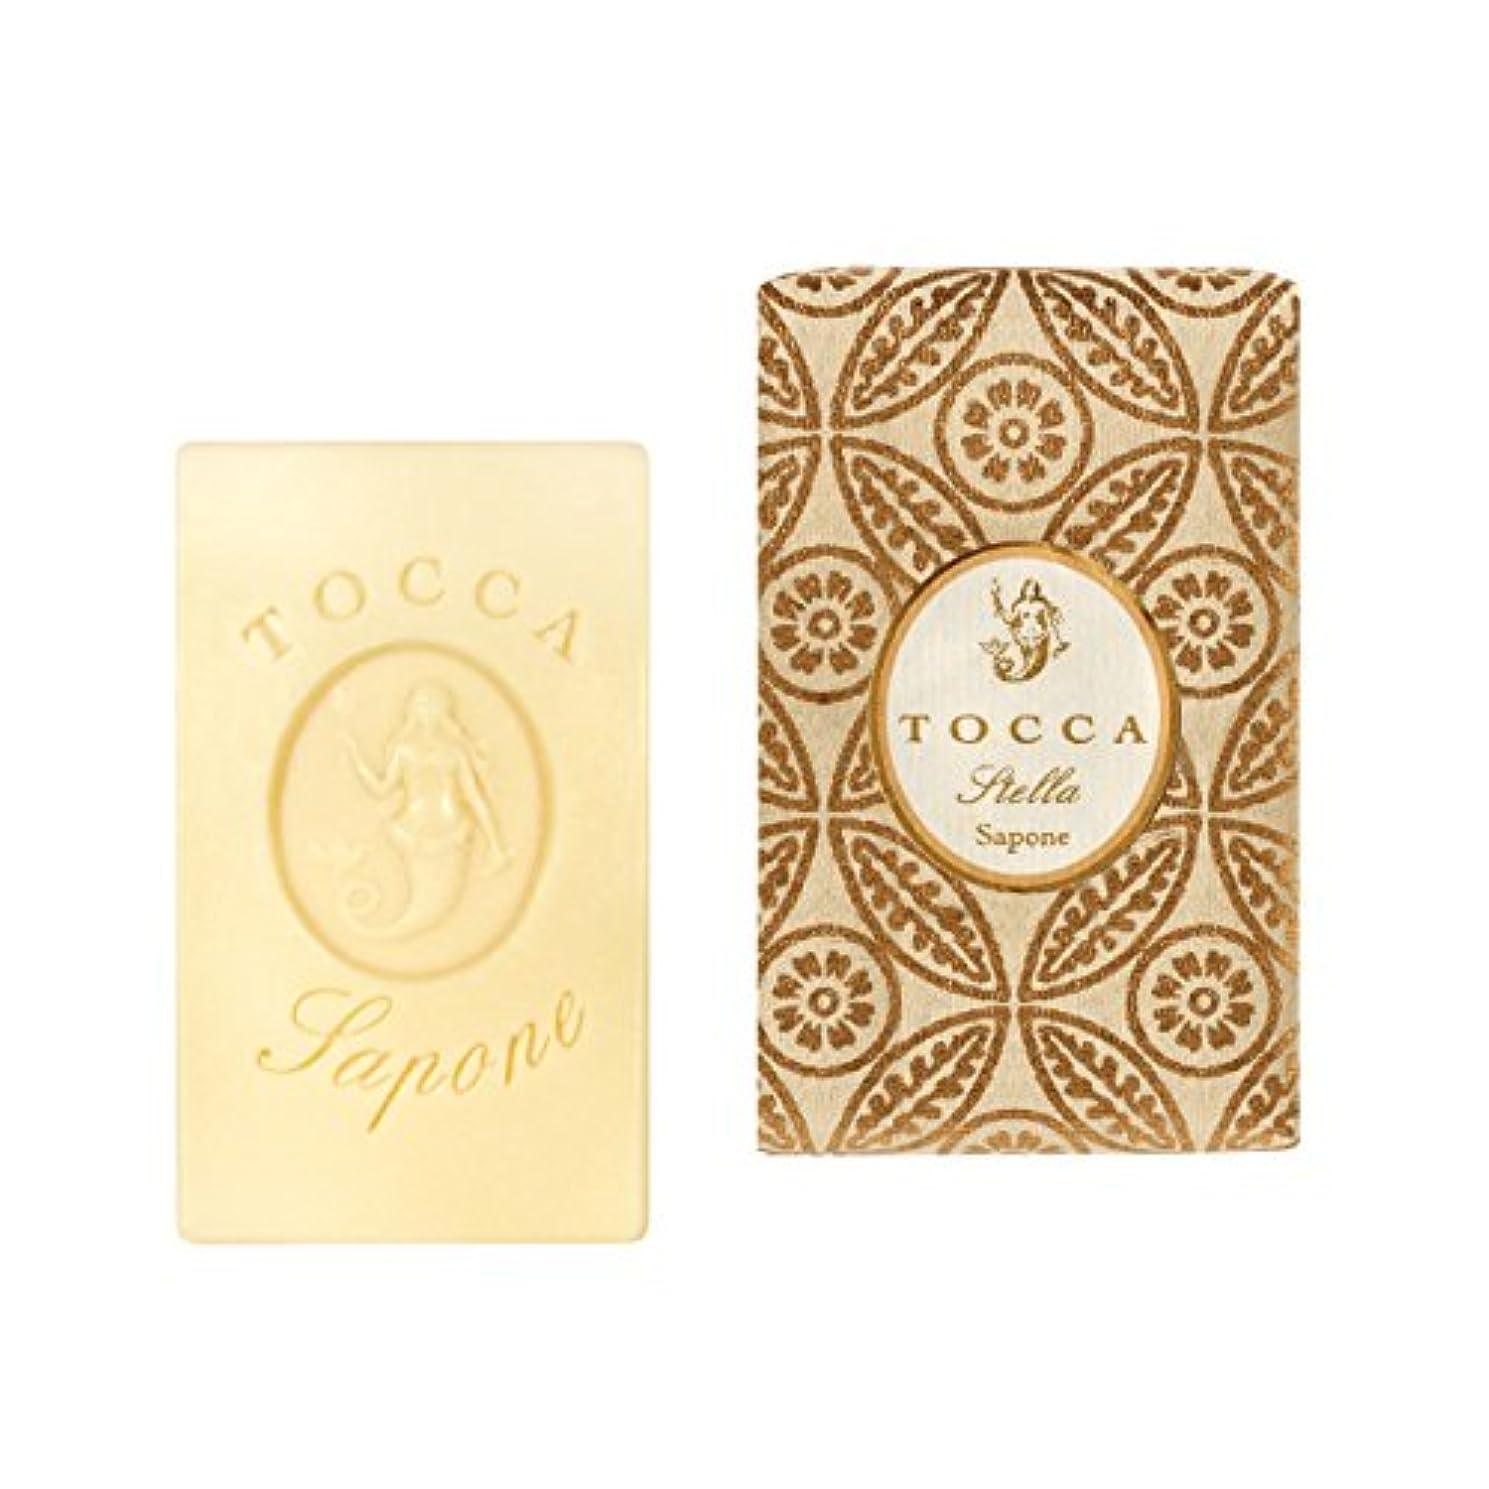 付き添い人少ないコミュニケーショントッカ(TOCCA) ソープバー ステラの香り 113g(石けん 化粧石けん イタリアンブラッドオレンジが奏でるフレッシュでビターな爽やかさ漂う香り)